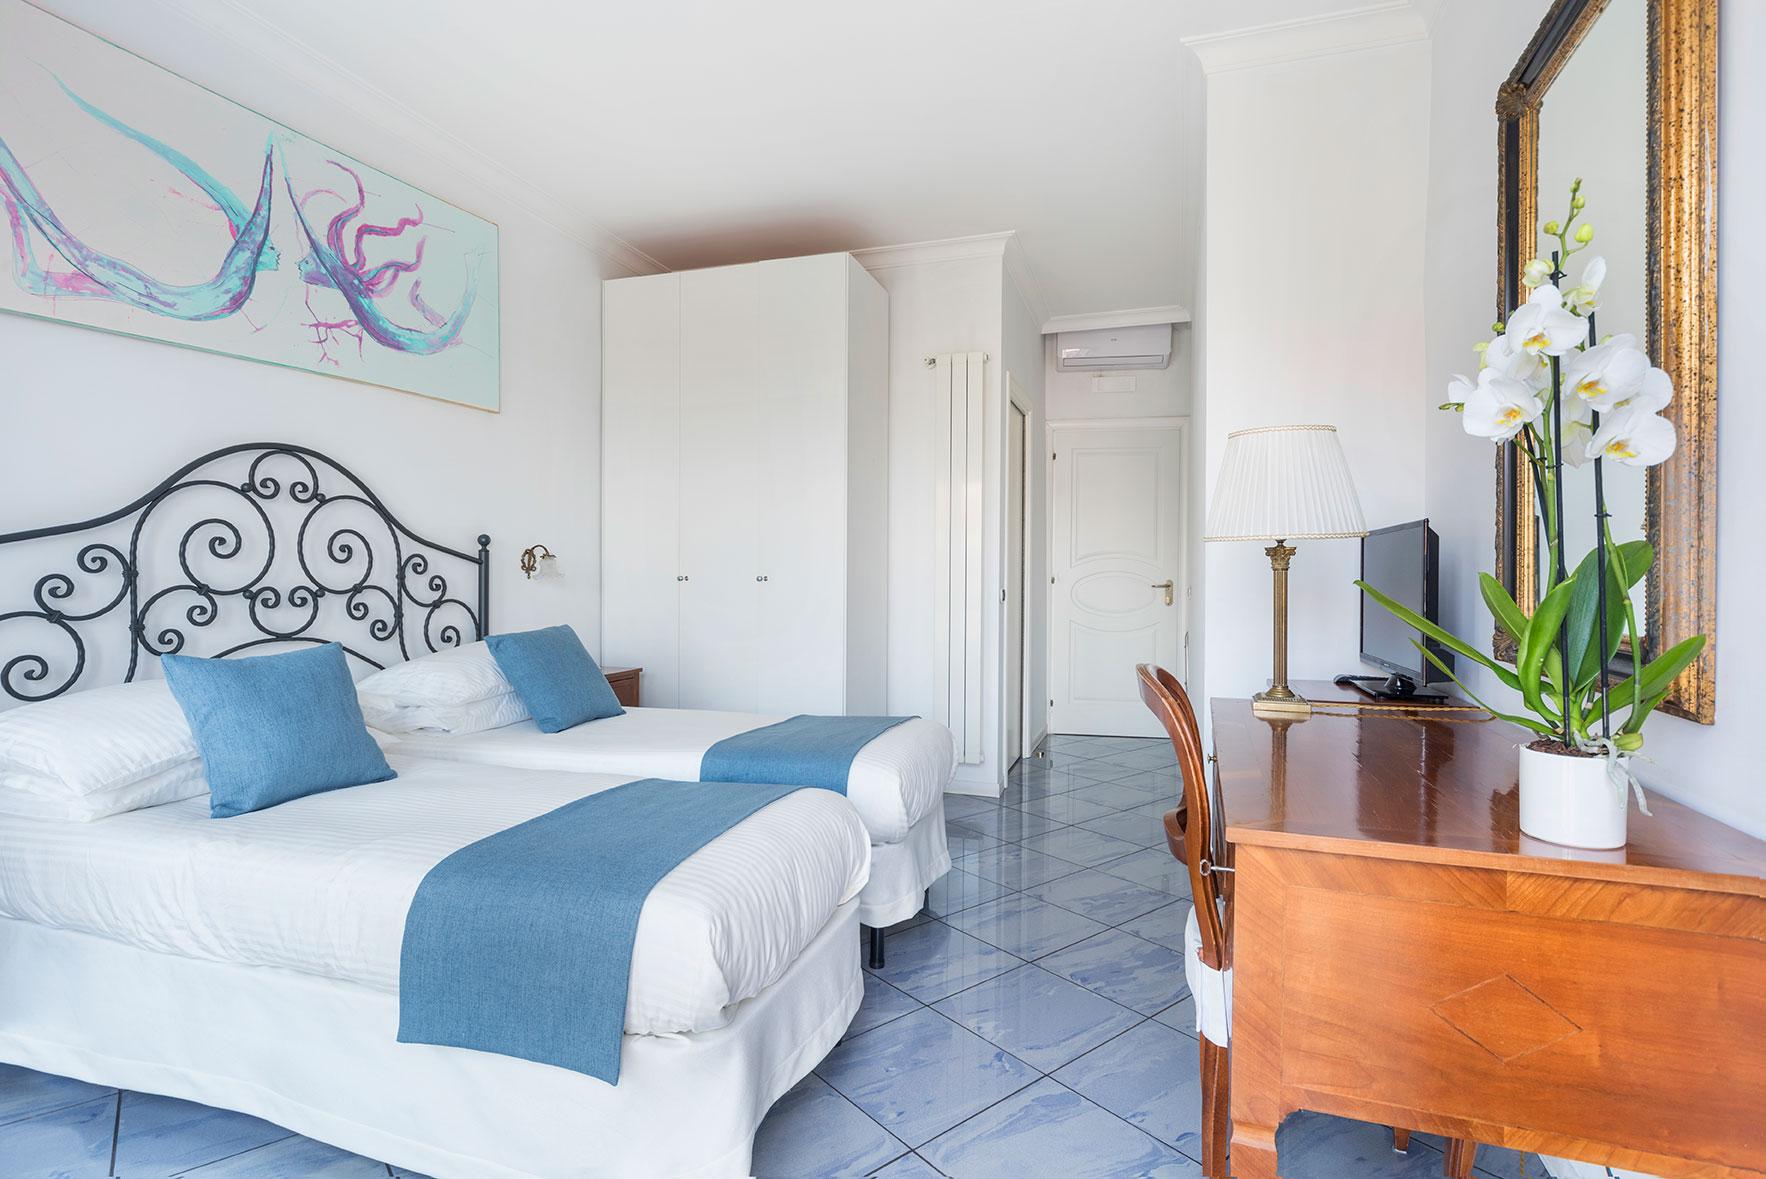 camere-superior-fiorentini-residence-napoli-9